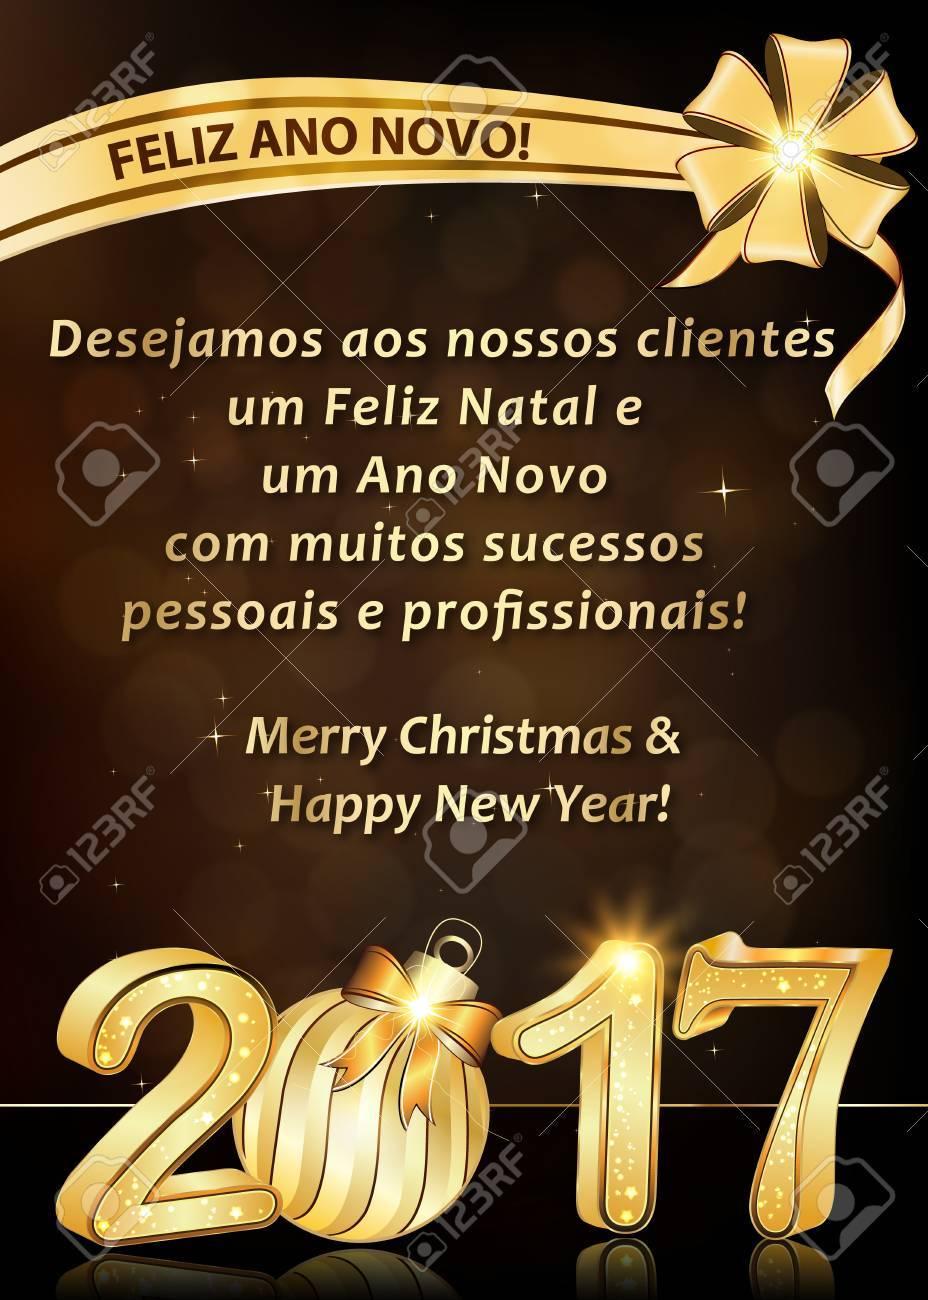 Portugiesisch-Grußkarte Für Winterferien. Wir Wünschen Allen Unseren ...